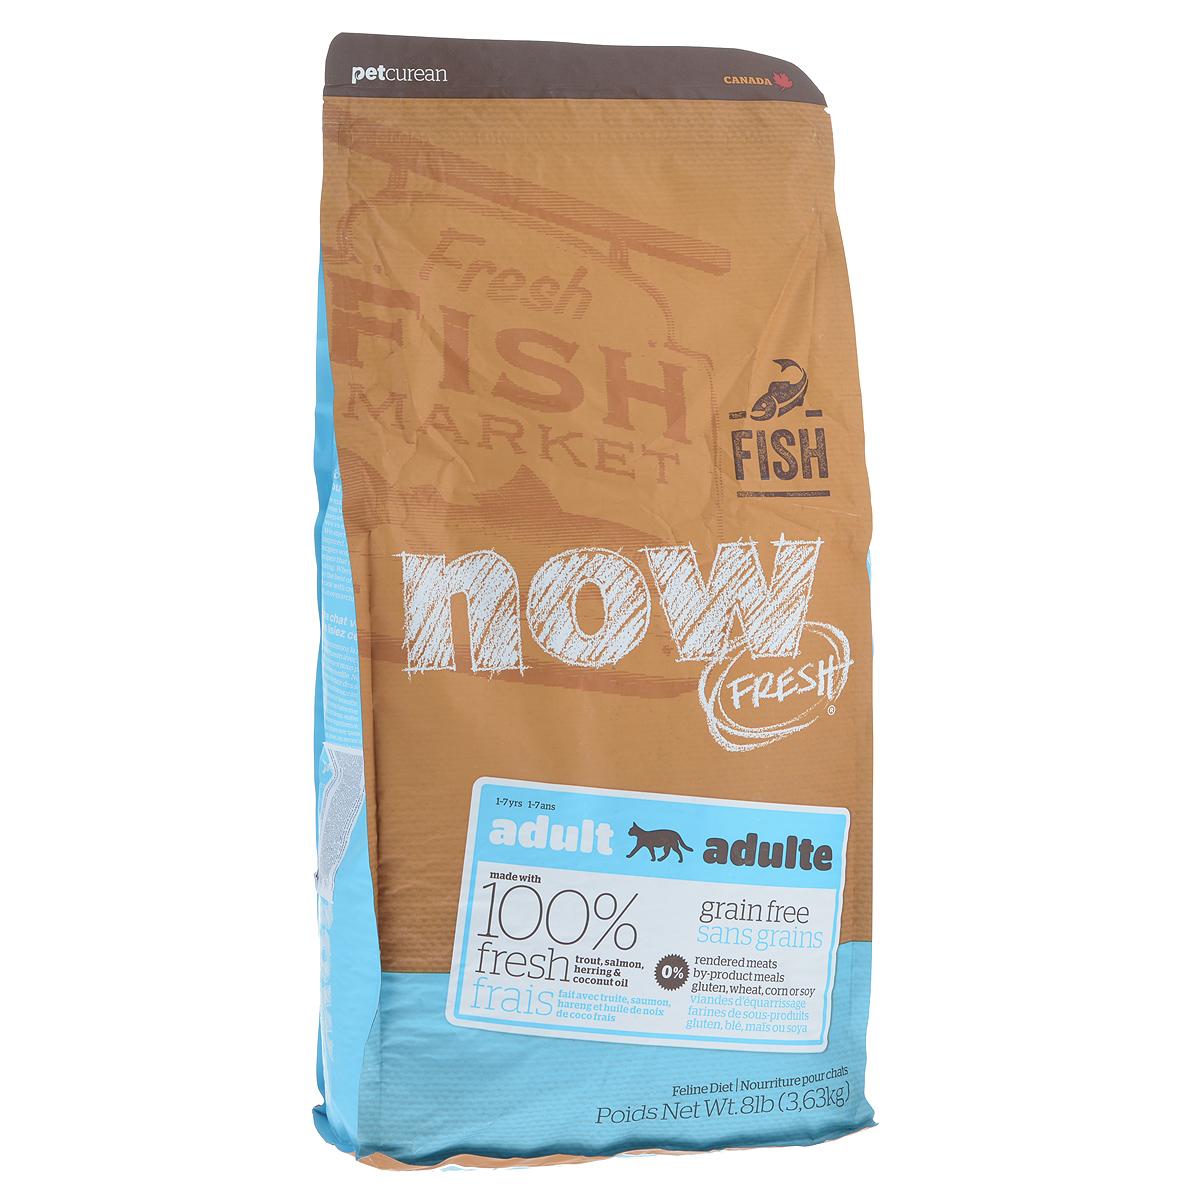 Корм сухой Now Fresh для взрослых кошек с чувствительным пищеварением, беззерновой, с форелью и лососем, 3,63 кг19236Сухой корм Now Fresh для взрослых кошек изготовлен из 100% свежей форели, лосося, сельди, насыщен Омега 3 и 6, а так же маслами кокосового ореха и рапса. Идеально подходит для кошек с чувствительным пищеварением. Не содержит злаков, крахмала, пшеницы, говядины, кукурузы и сои. Состав: филе форели, филе лосося, филе сельди, горошек, картофель, горох волокна, целые сушеные яйца, помидоры, масло канолы (консервированный смесью токоферолов), льняное семя, натуральный ароматизатор, кокосовое масло (консервированный смесью токоферолов), утка, яблоки, морковь, тыква, бананы, черника, клюква, малина, ежевика, папайя, ананас, грейпфрут, чечевица бобы, брокколи, шпинат, творог, ростки люцерны, люцерна, карбонат кальция, фосфорная кислота, хлорид натрия, лецитин, хлорид калия, DL-метионин, таурин, витамины (витамин Е, L-аскорбил-2-полифосфатов (источник витамина С), ниацин, инозитол, витамин А, тиамин мононитрат, пантотенат d-кальция, пиридоксина гидрохлорид, рибофлавин, бета-каротин, витамин D3, фолиевая кислота, биотин, витамин В12 добавки), минералы (протеинат цинка, сульфат железа, оксид цинка, железа протеинат, сульфат меди, медь протеинат, марганца протеинат, оксид марганца, йодат кальция, селенит натрия), дегедрированный бурые водоросли, L-лизин, сушеный корень цикория, дегедрированный Lactobacillus ацидофилин продукт брожения, дегедрированный Enterococcus faecium продукт брожения, дегедрированный Aspergillus Нигер продукт брожения, дегедрированный Aspergillus Oryzae продукт брожения, экстракт юкки Шидигера, L-карнитин, календула, розмарин. Гарантированный анализ: белки (min) - 30%, жиры (min) - 19%, клетчатка (max) - 2,5%, влажность (max) - 10%, зола (max) - 6%, фосфор - 0,5%, магний - 0,09%, таурин - 2400мг/кг, жирные кислоты Омега 6 (min) - 2,2%, жирные кислоты Омега-3 (min) - 0,4%, лактобактерии (Lactobacillus acidophilus, Enterococcus faecium) - 9000